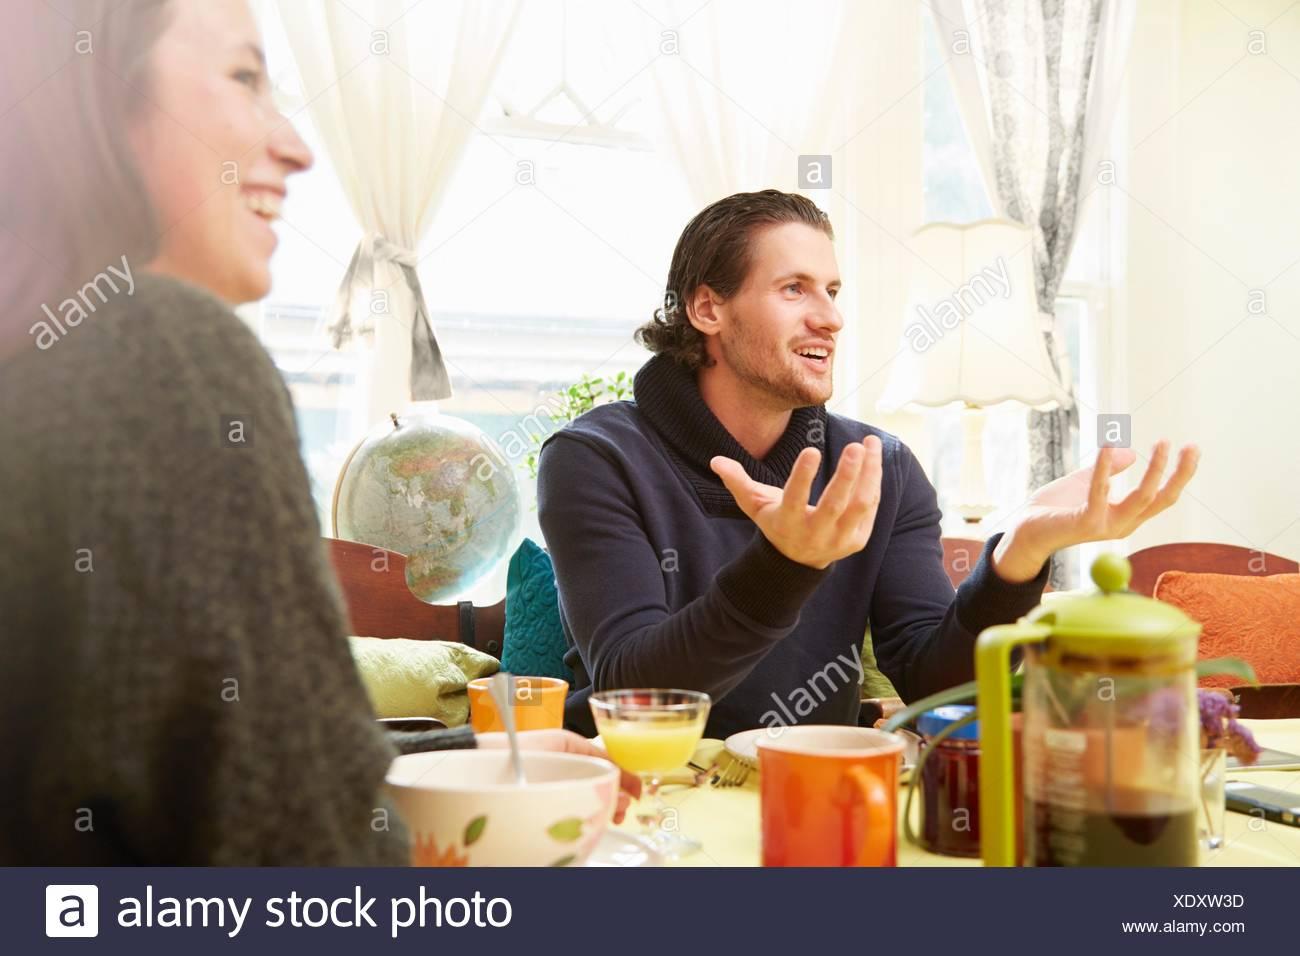 Vista sobre el hombro del joven, explicar con mesa de desayuno Foto de stock